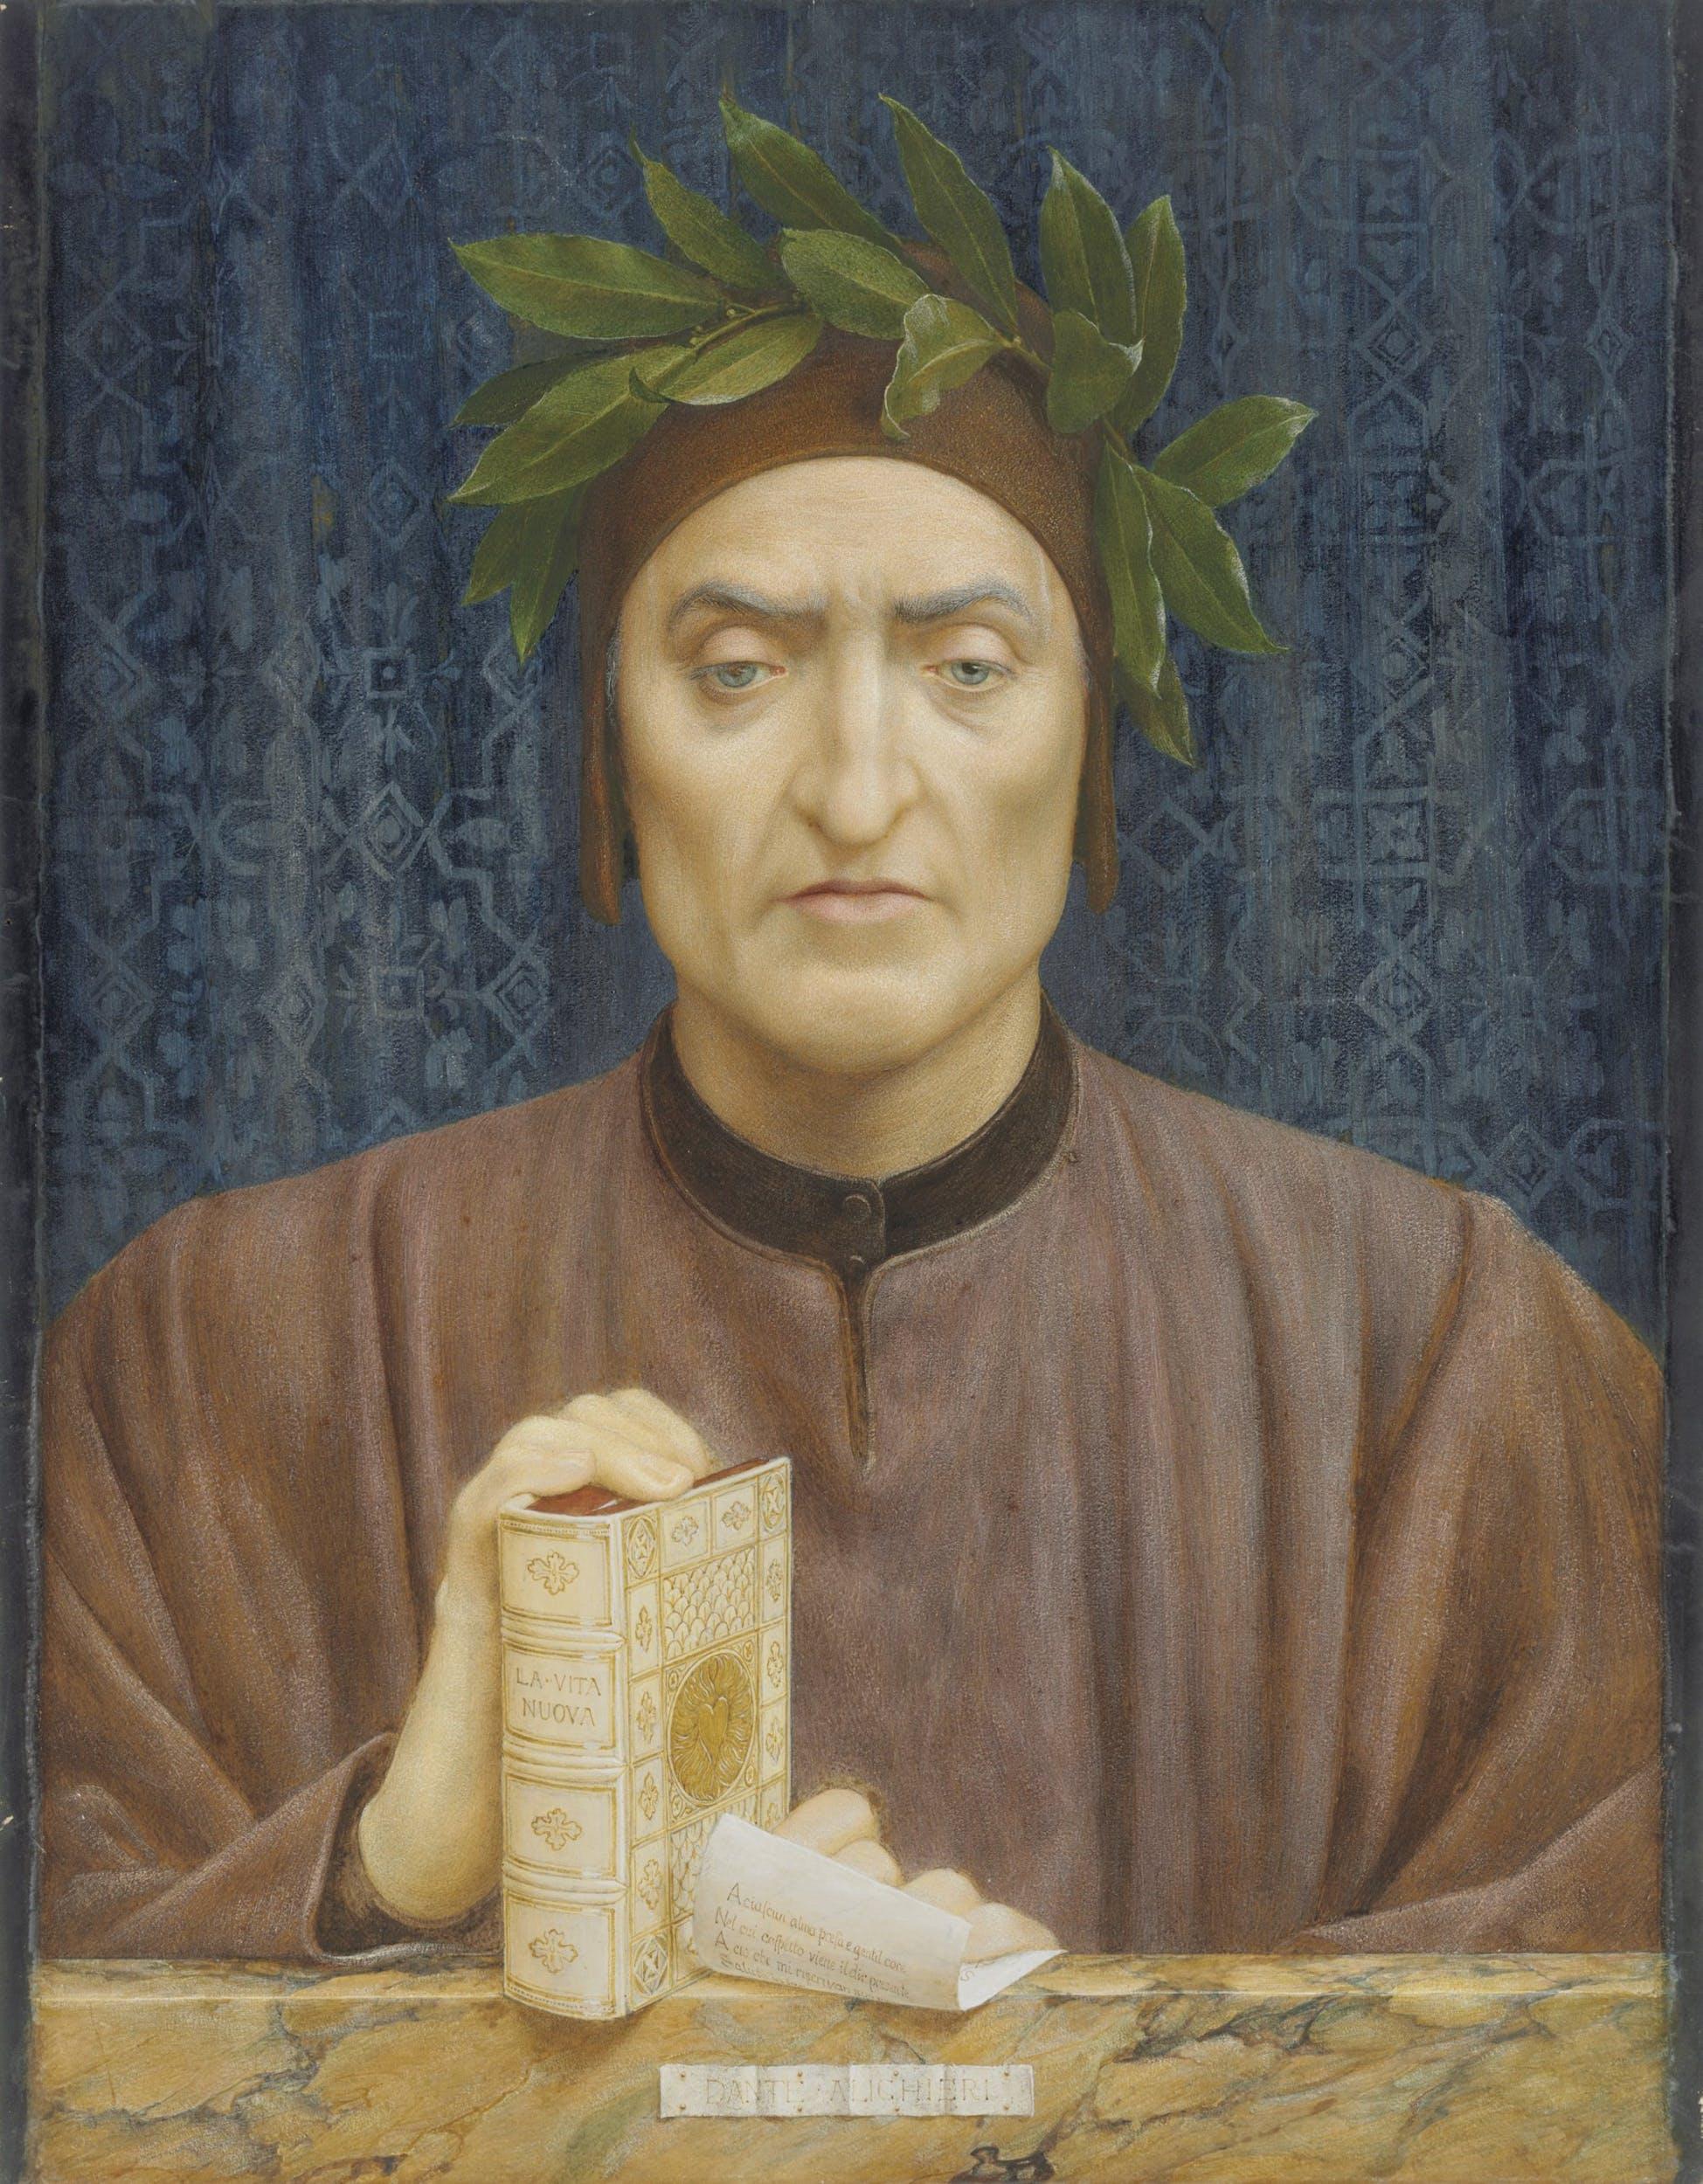 Henry James Holiday (Londra, 1839 – 1927) Dante Alighieri 1875 circa matita, acquerello e gomma arabica su carta, 63,5 x 49,5 cm collezione privata c/o Christie's